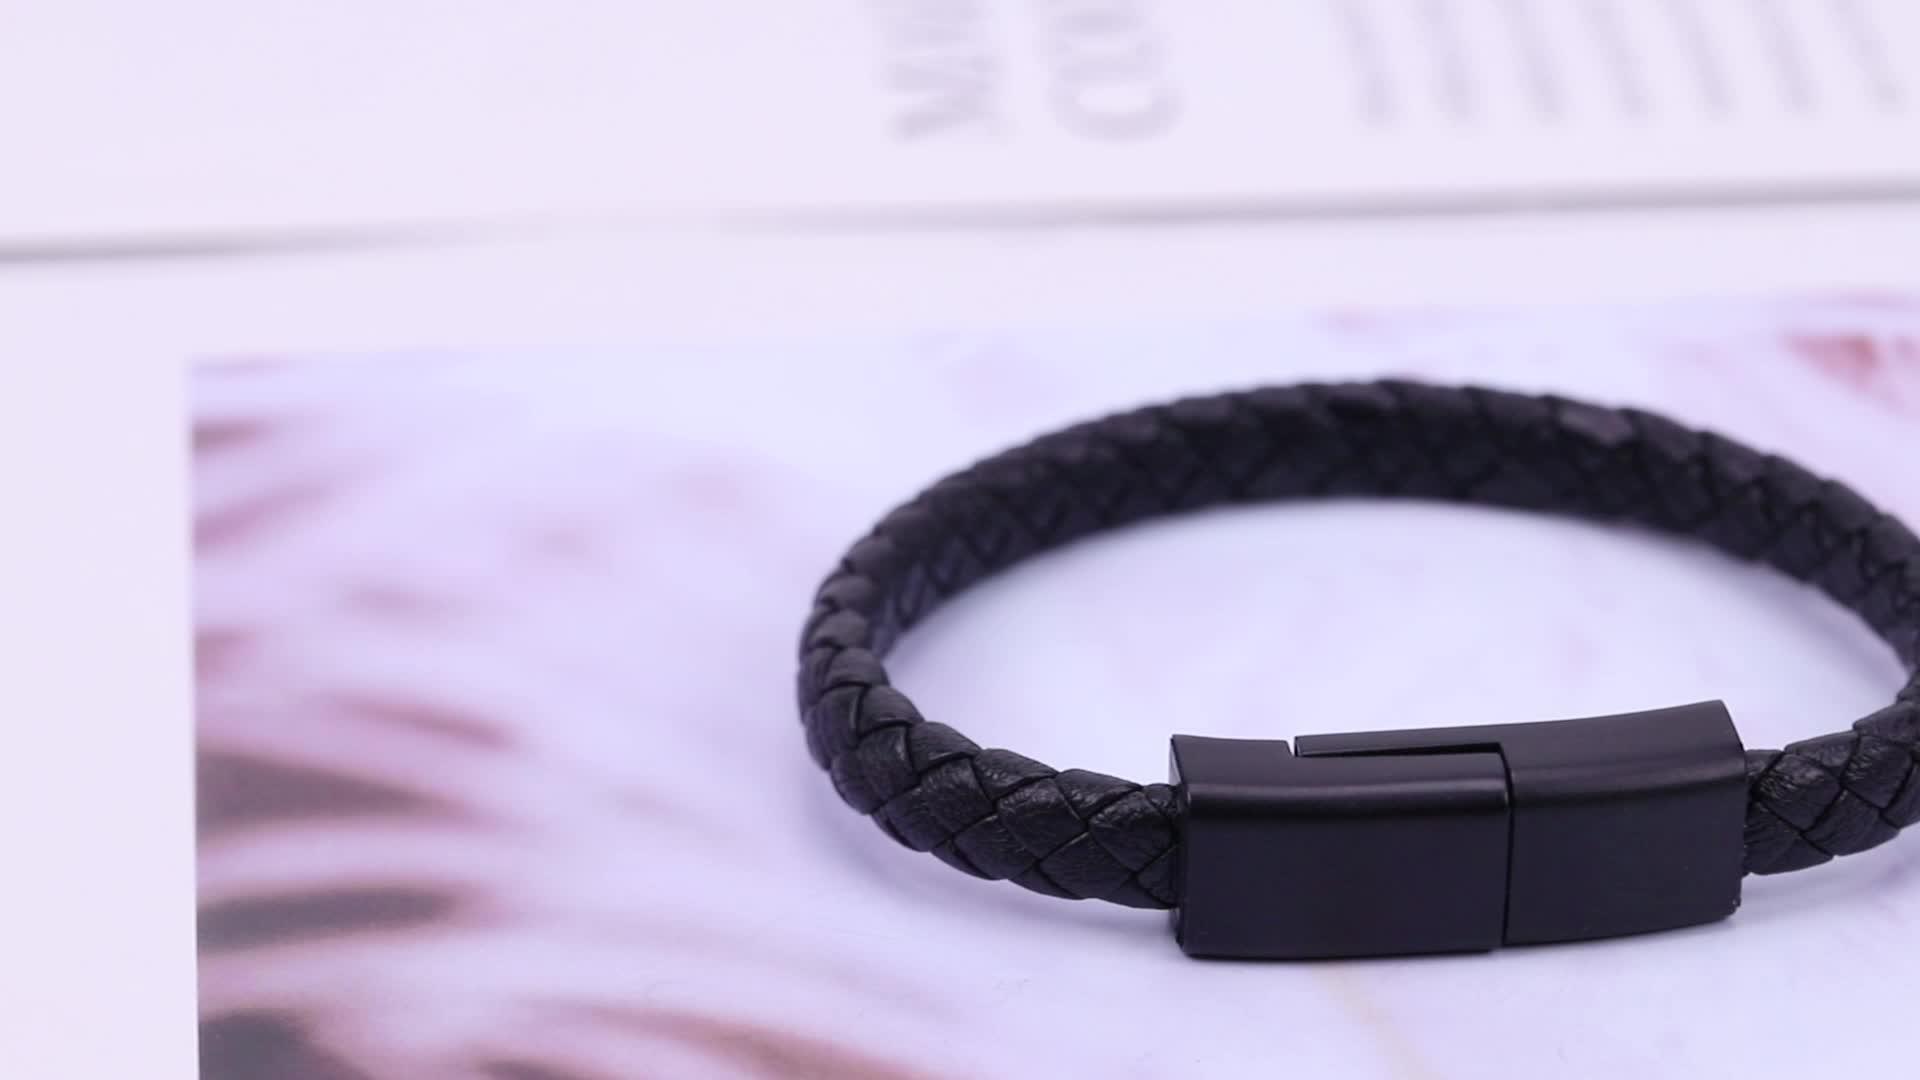 도매 맞춤 팔찌 전화 케이블 충전기 USB 가죽 팔찌